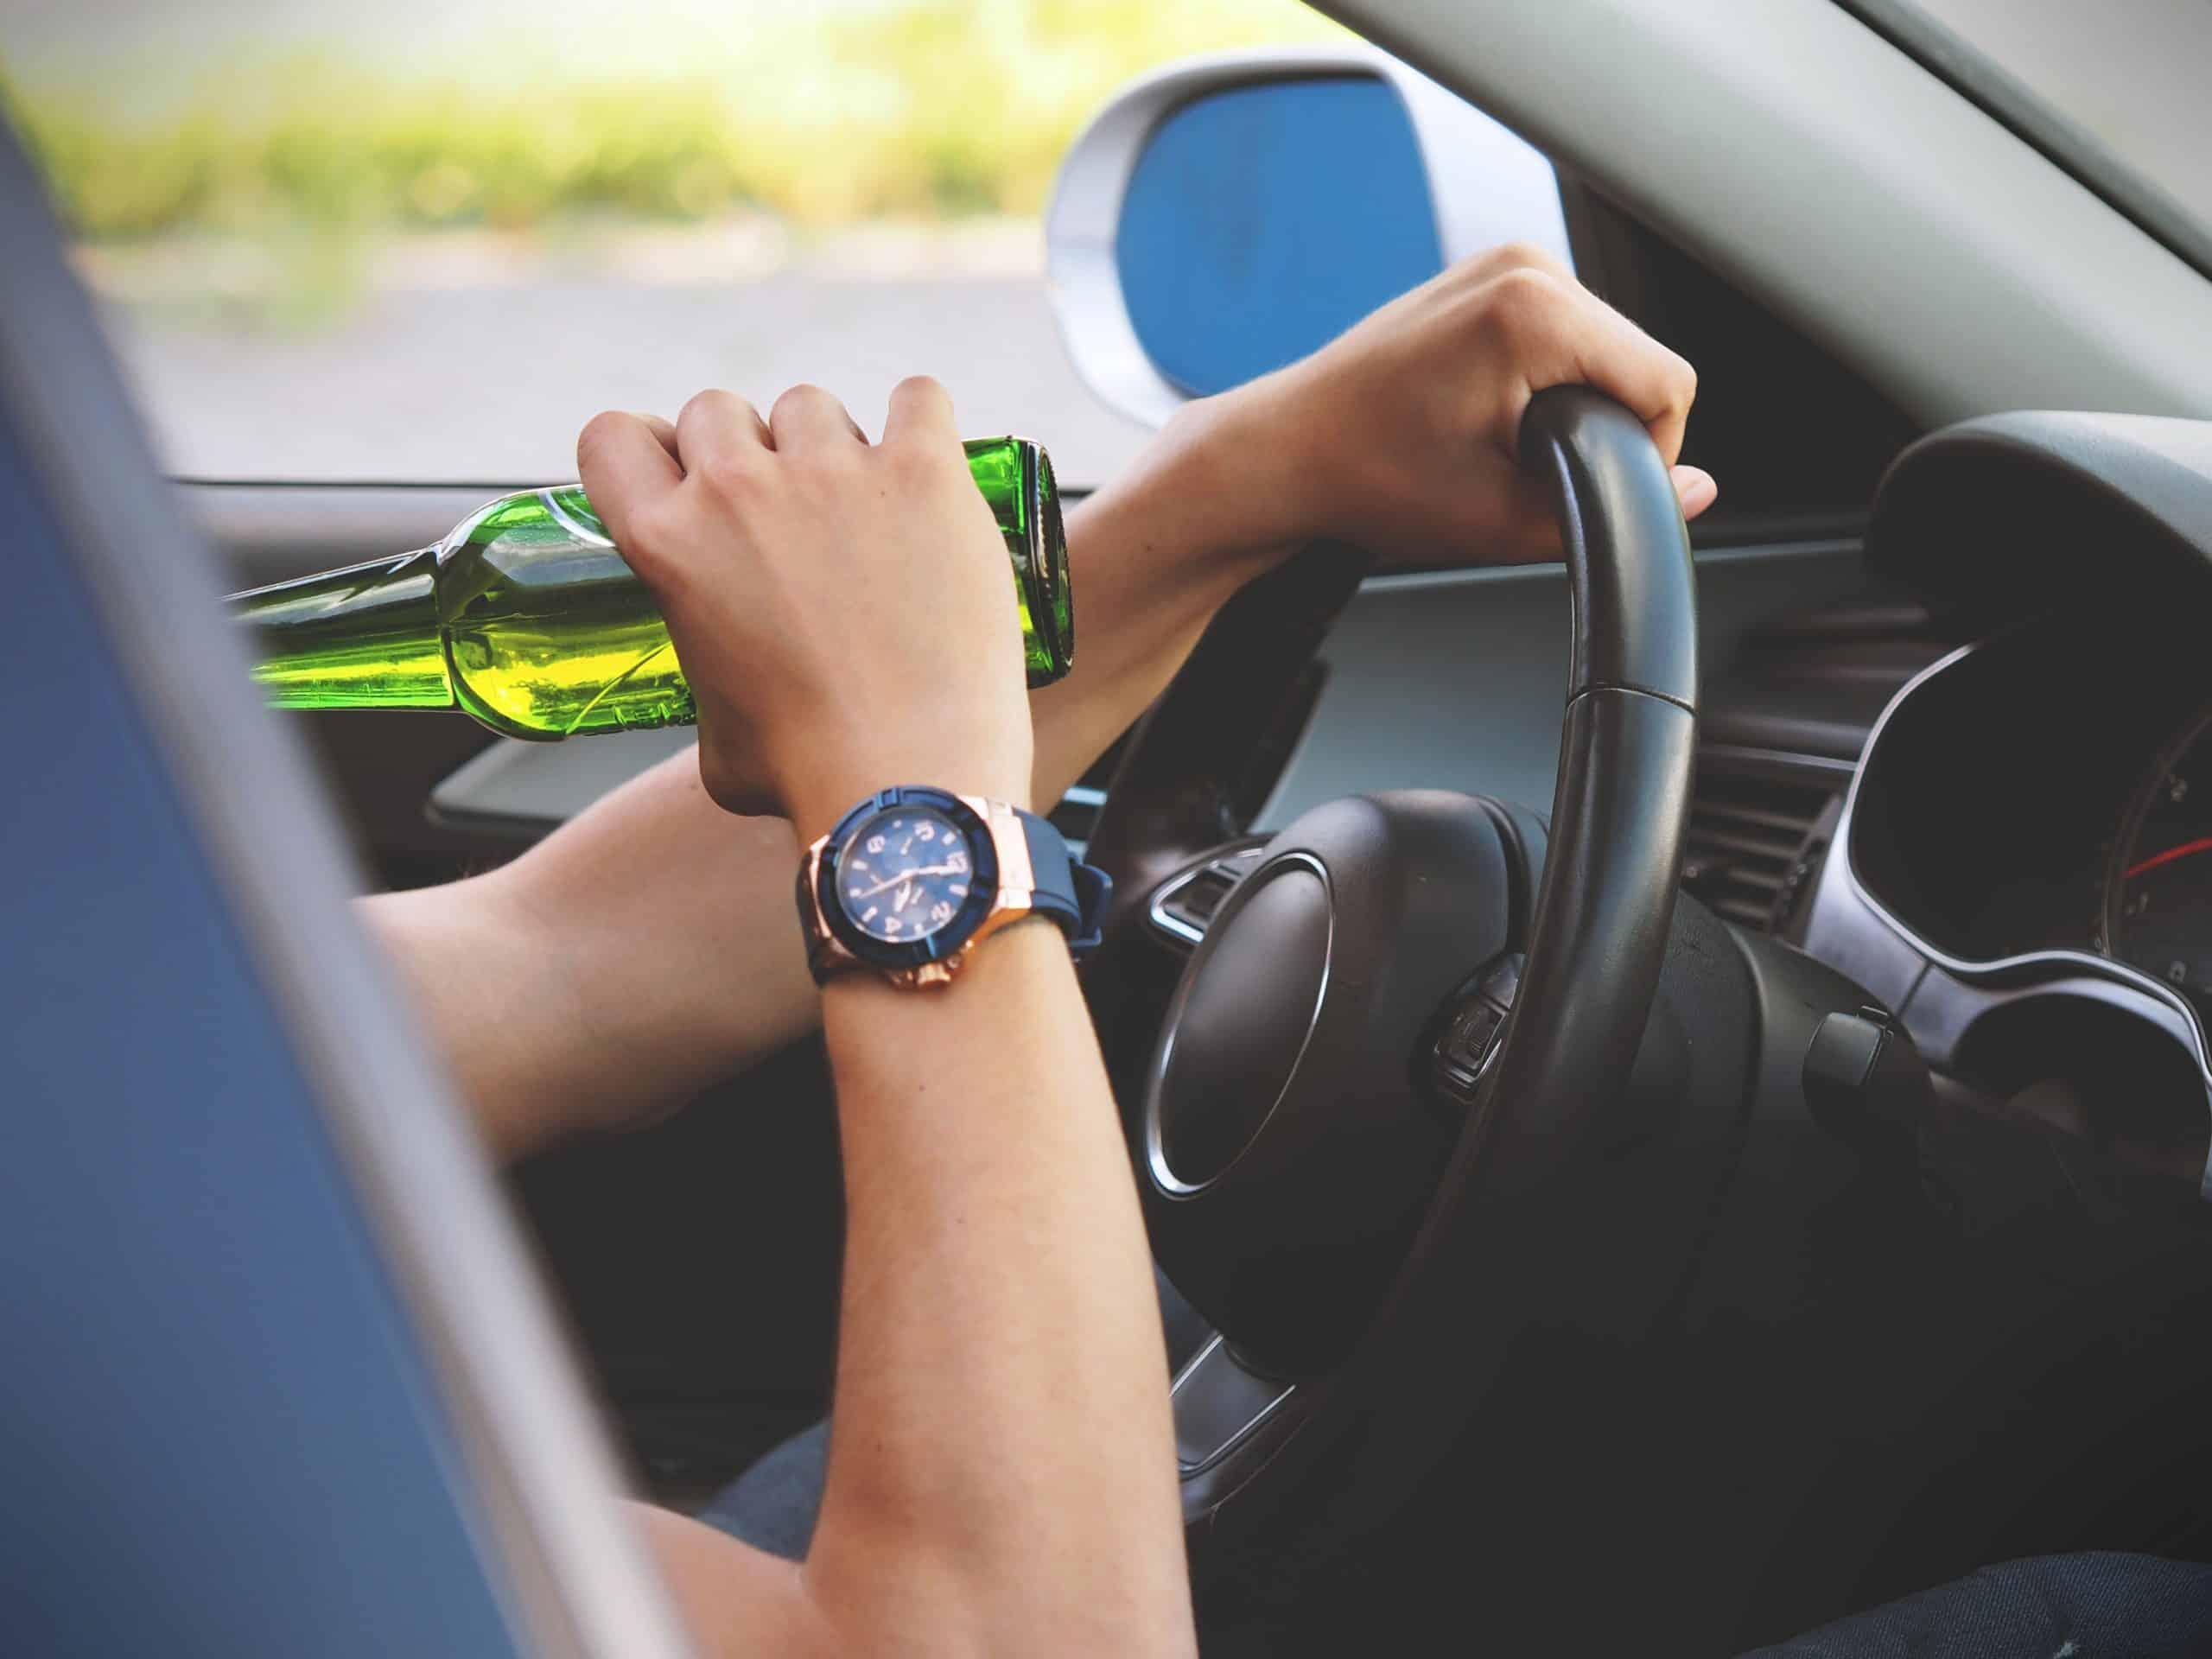 בשנת 2019 – עליה של 11% בצעירים הרוגים בתאונות דרכים